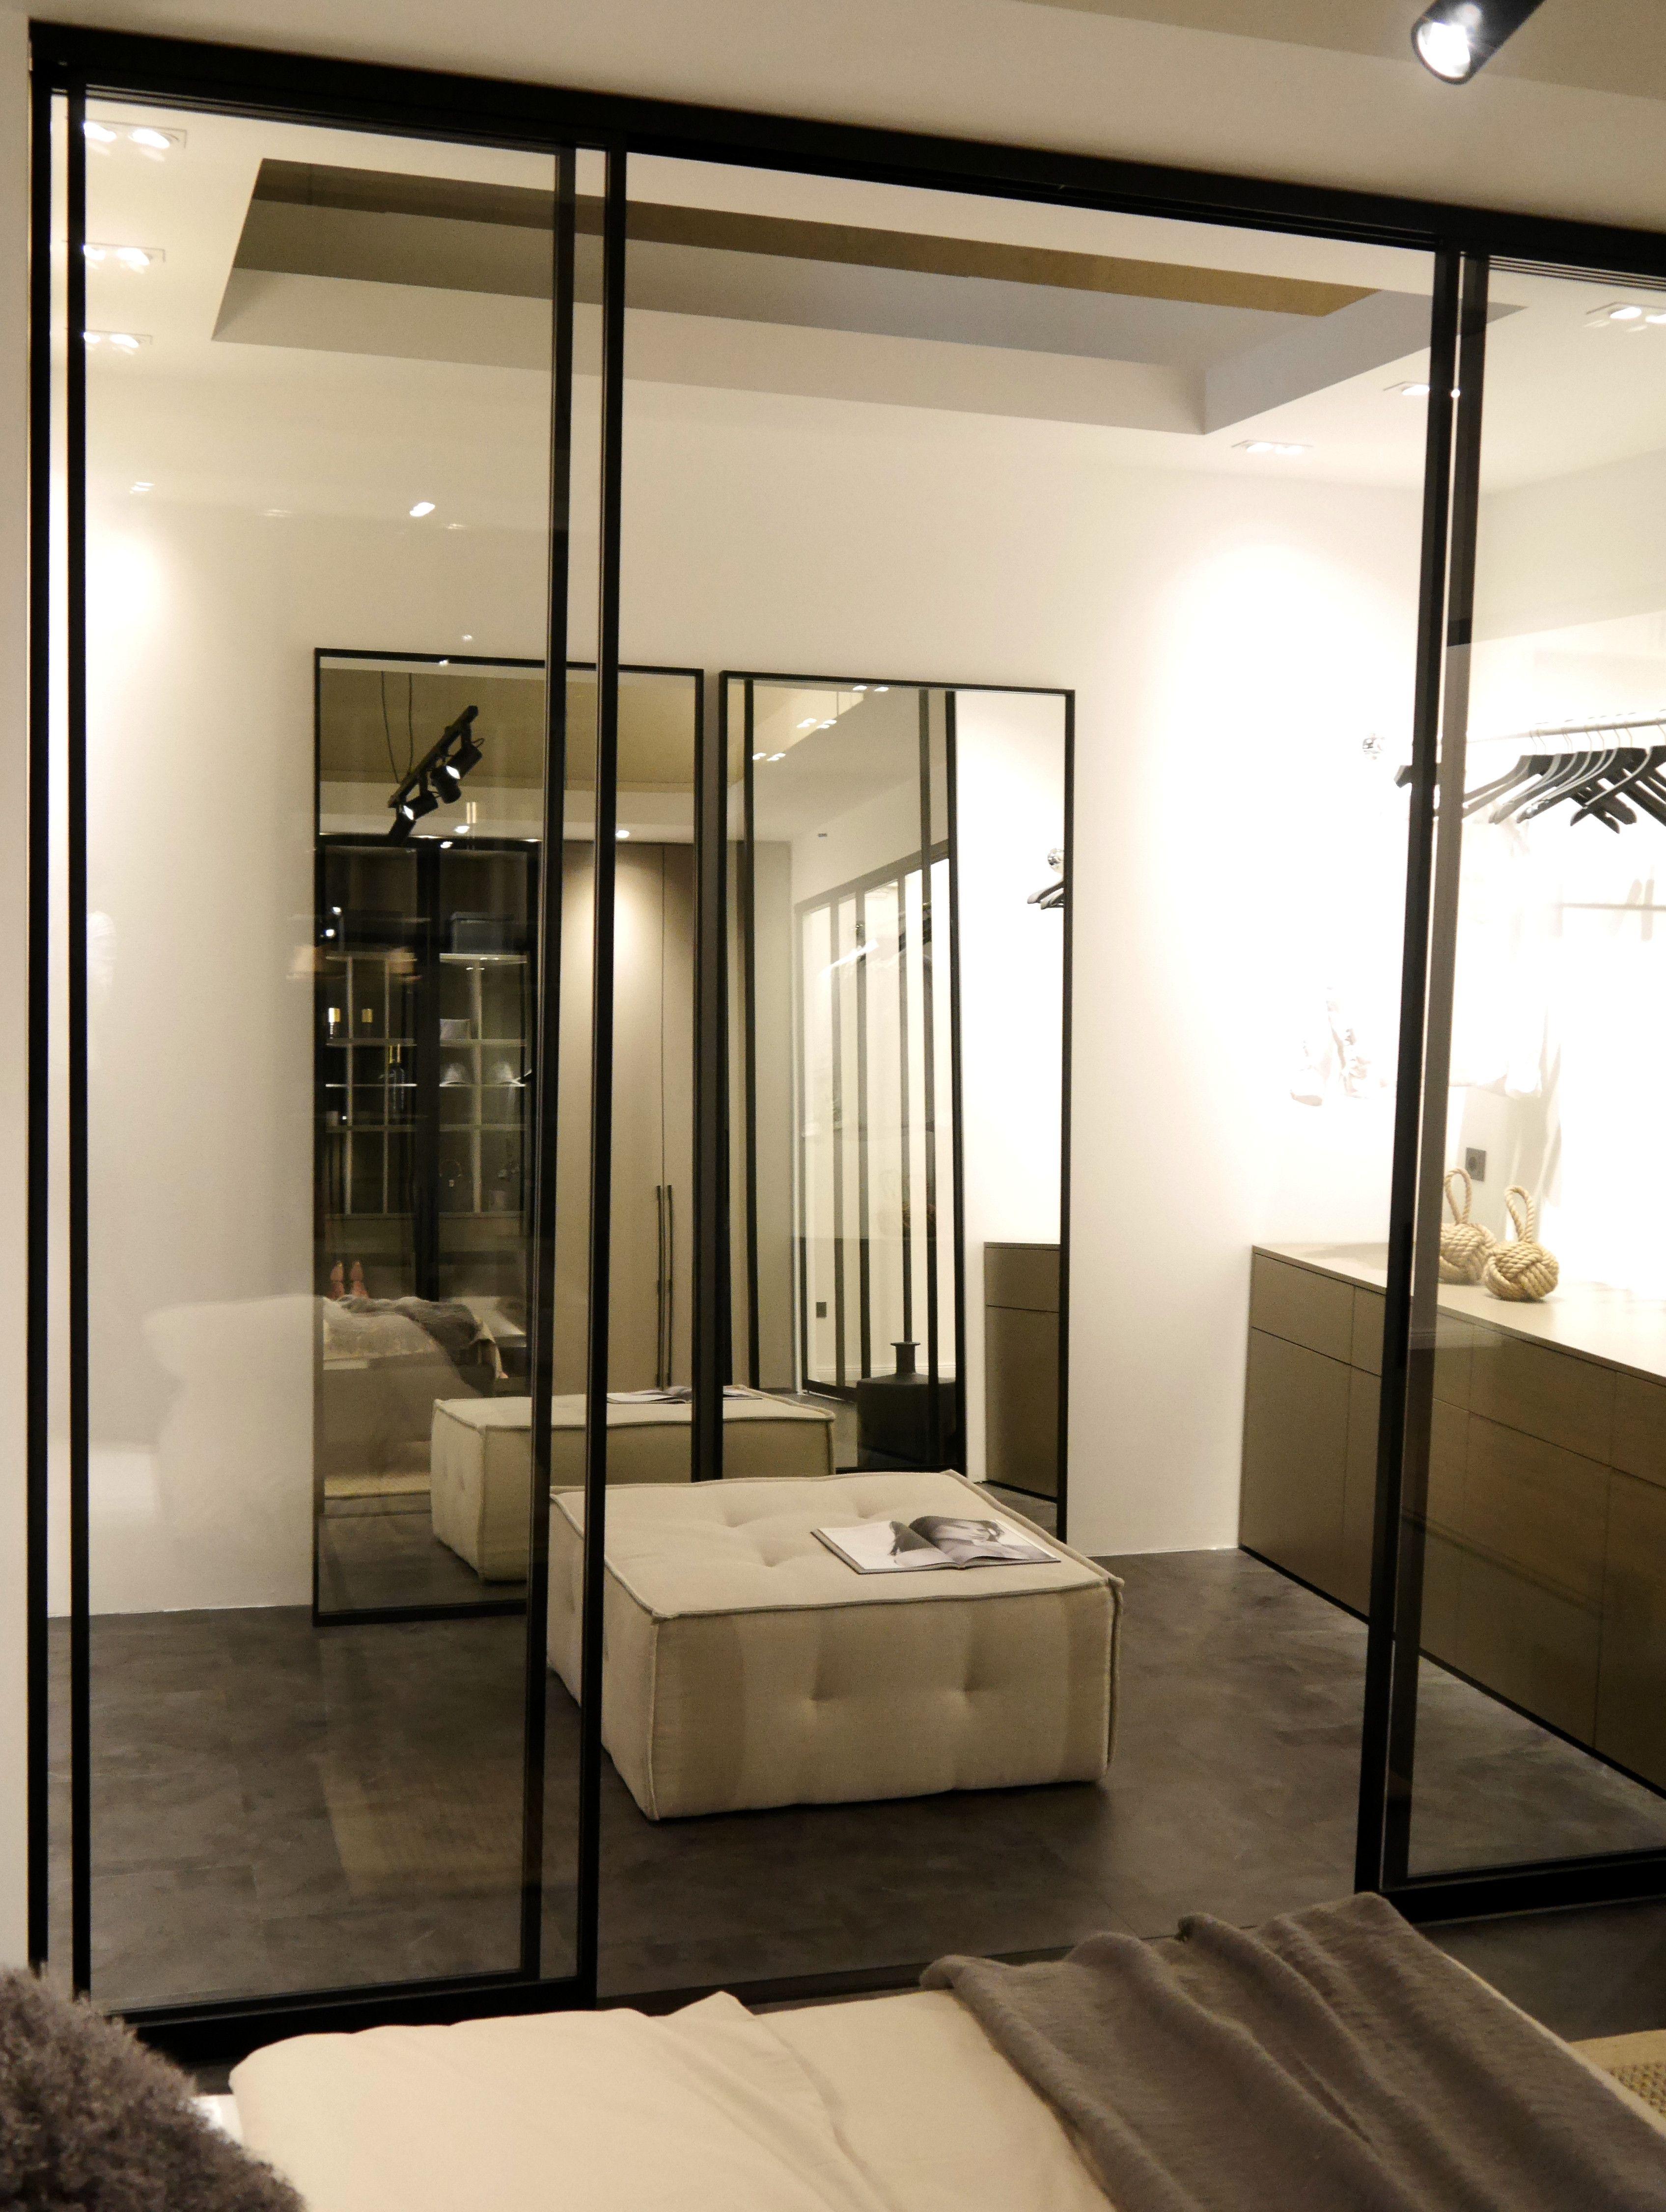 im schlafzimmer schlafzimmer zum ankleideraum schiebet r schiebet r glas glasschiebet r. Black Bedroom Furniture Sets. Home Design Ideas